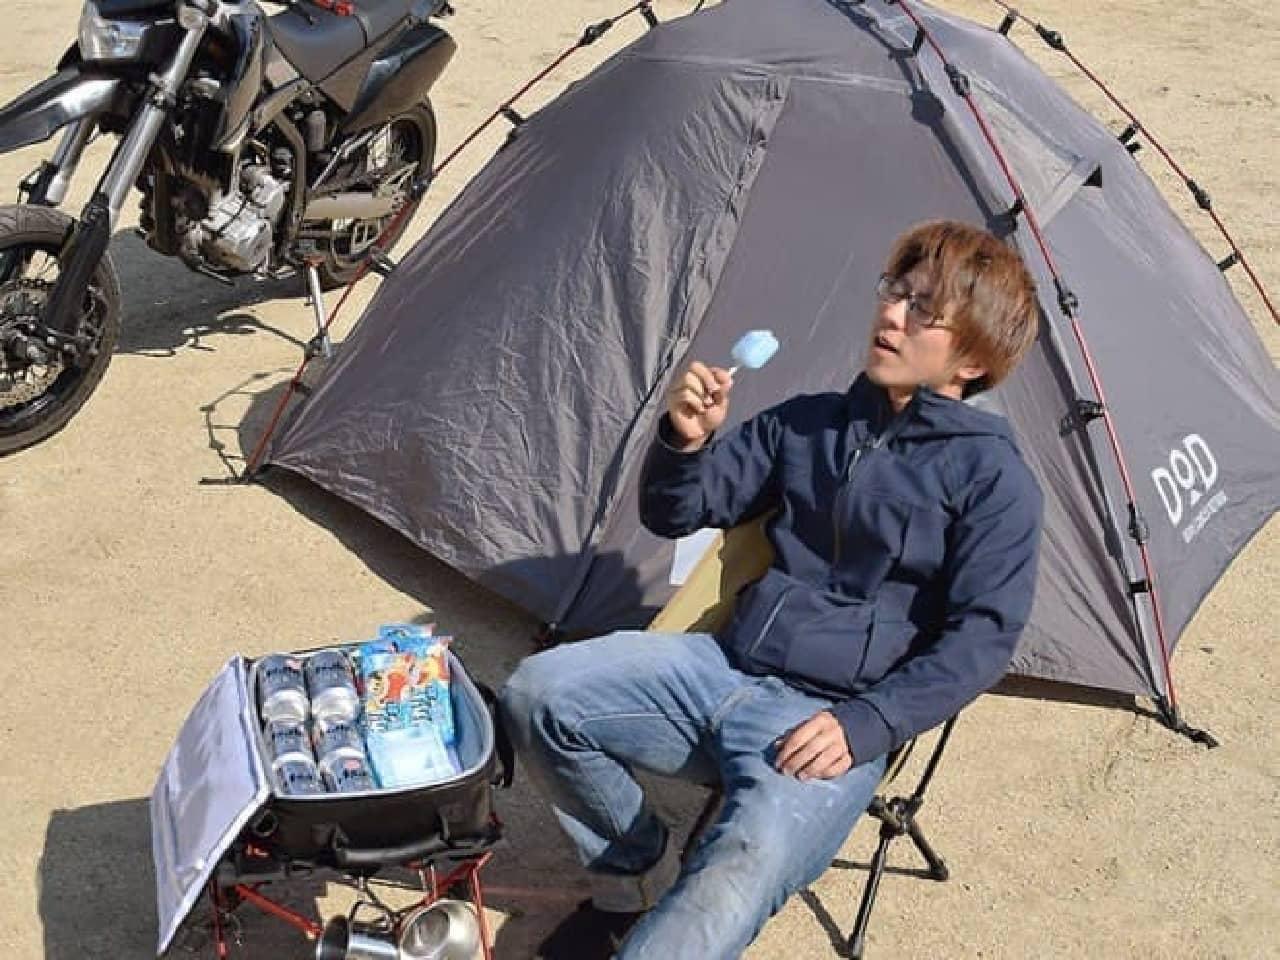 バイク用のクーラーボックス「ライダーズクーラーバッグ」